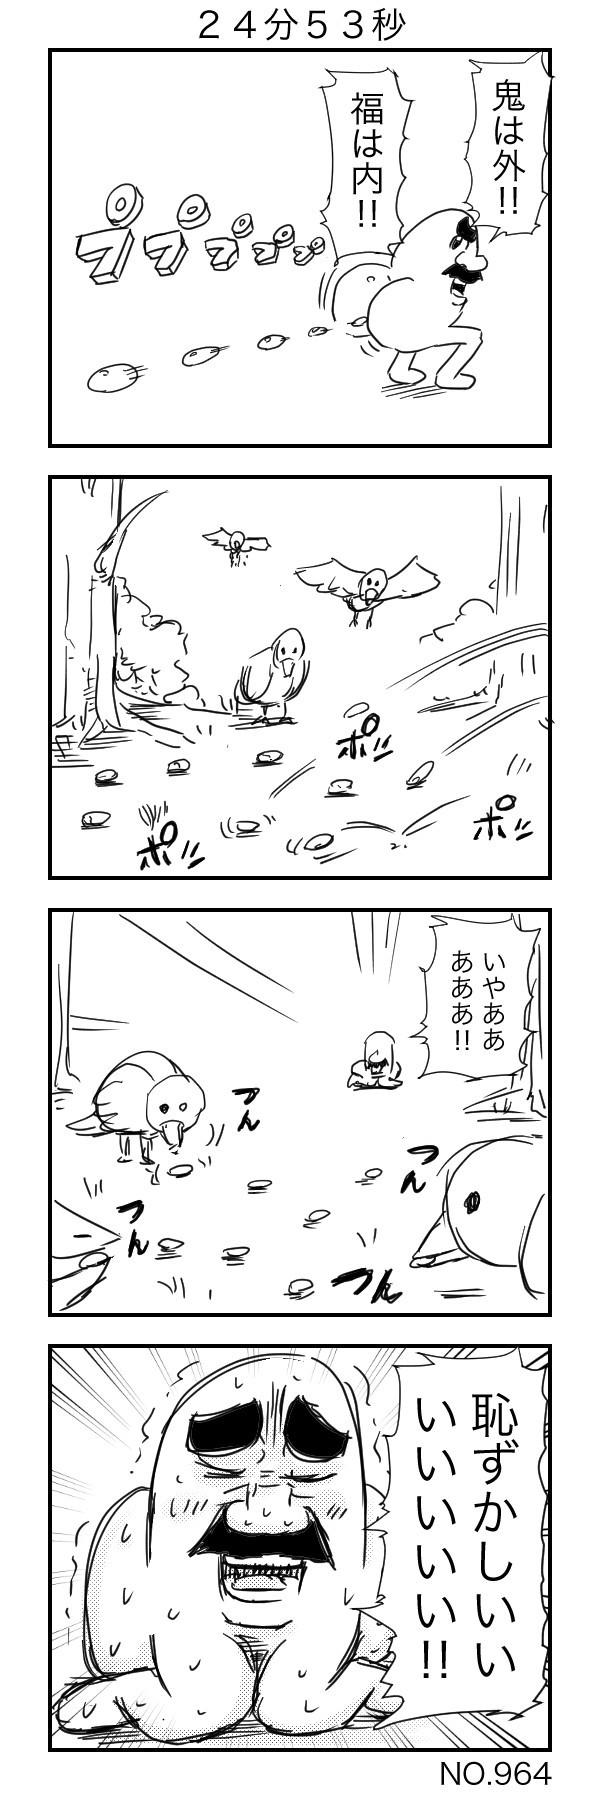 プリケツおじさんと節分(24分53秒)